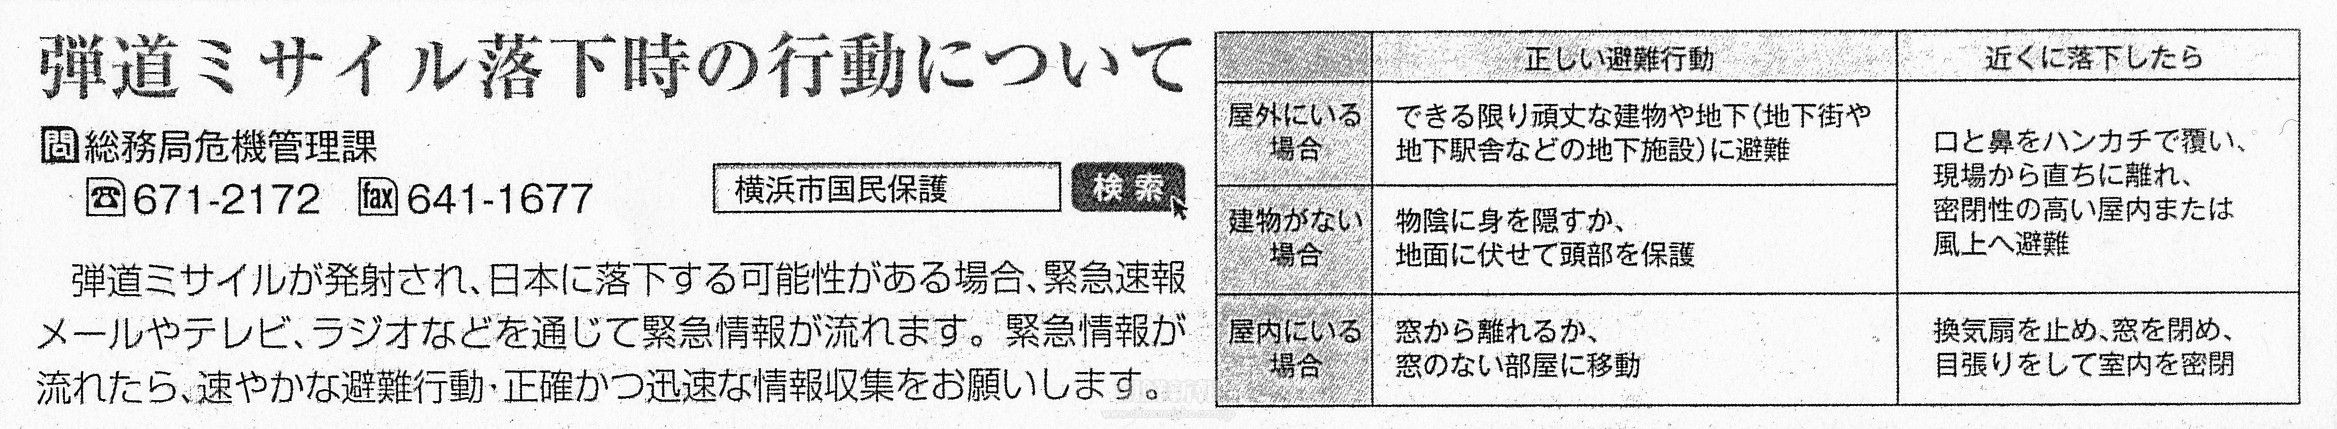 http://livedoor.blogimg.jp/gensen_2ch/imgs/4/6/46824f68.jpg